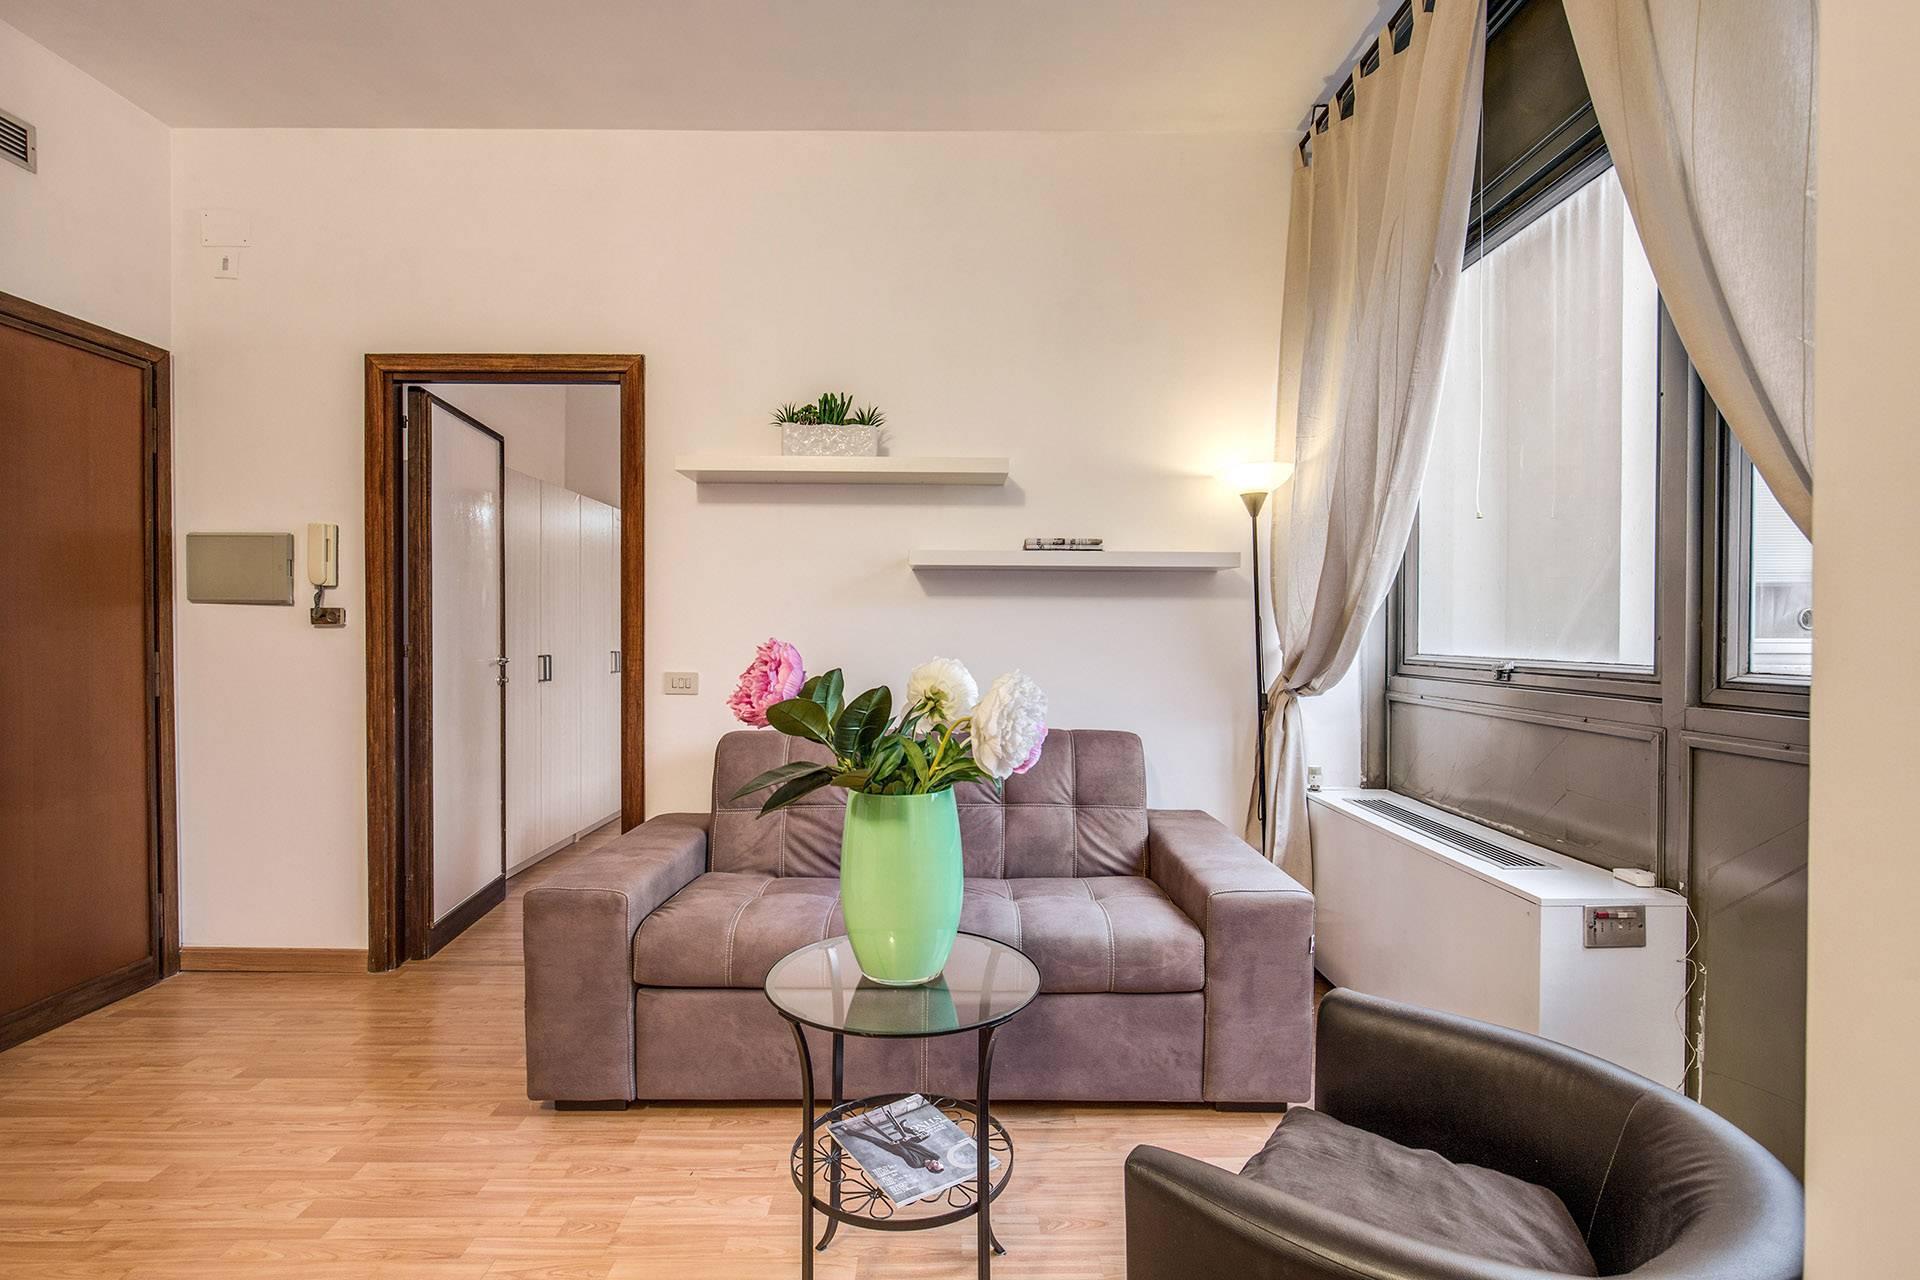 Как недорого снять квартиру в риме у достопримечательностей